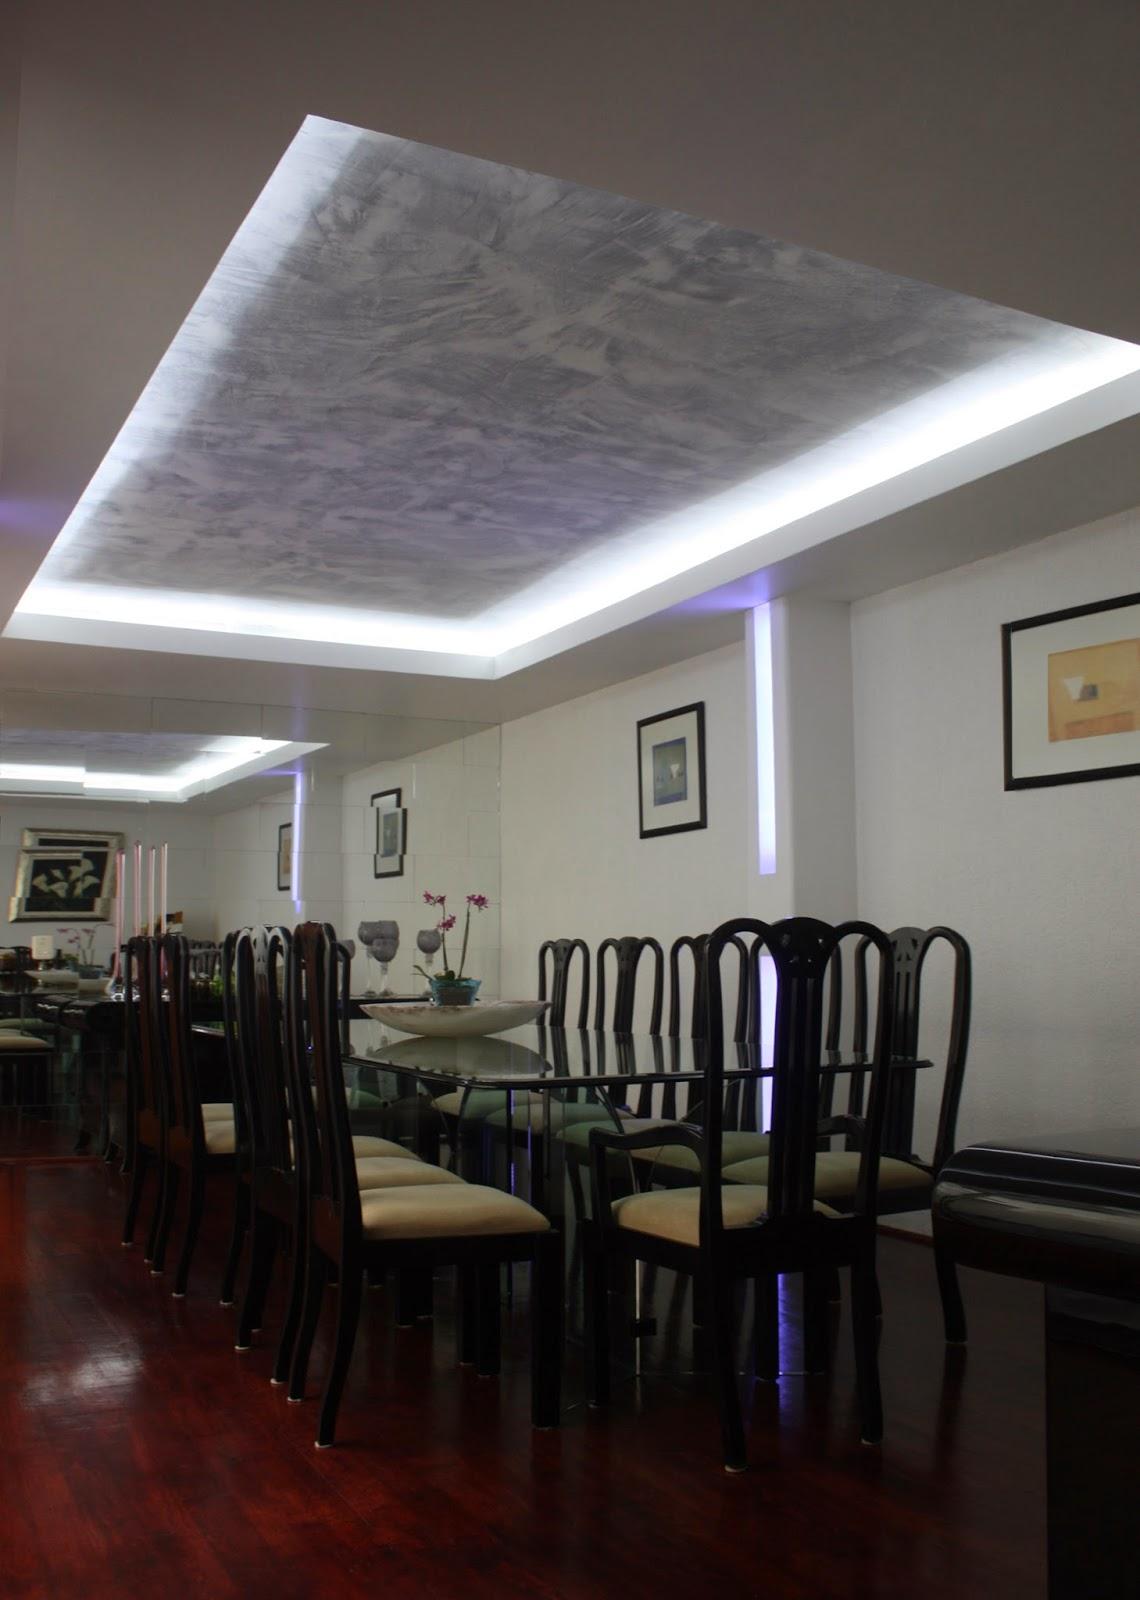 Plafones decorativos de tablaroca iluminaci n con focos for Iluminacion departamentos pequenos